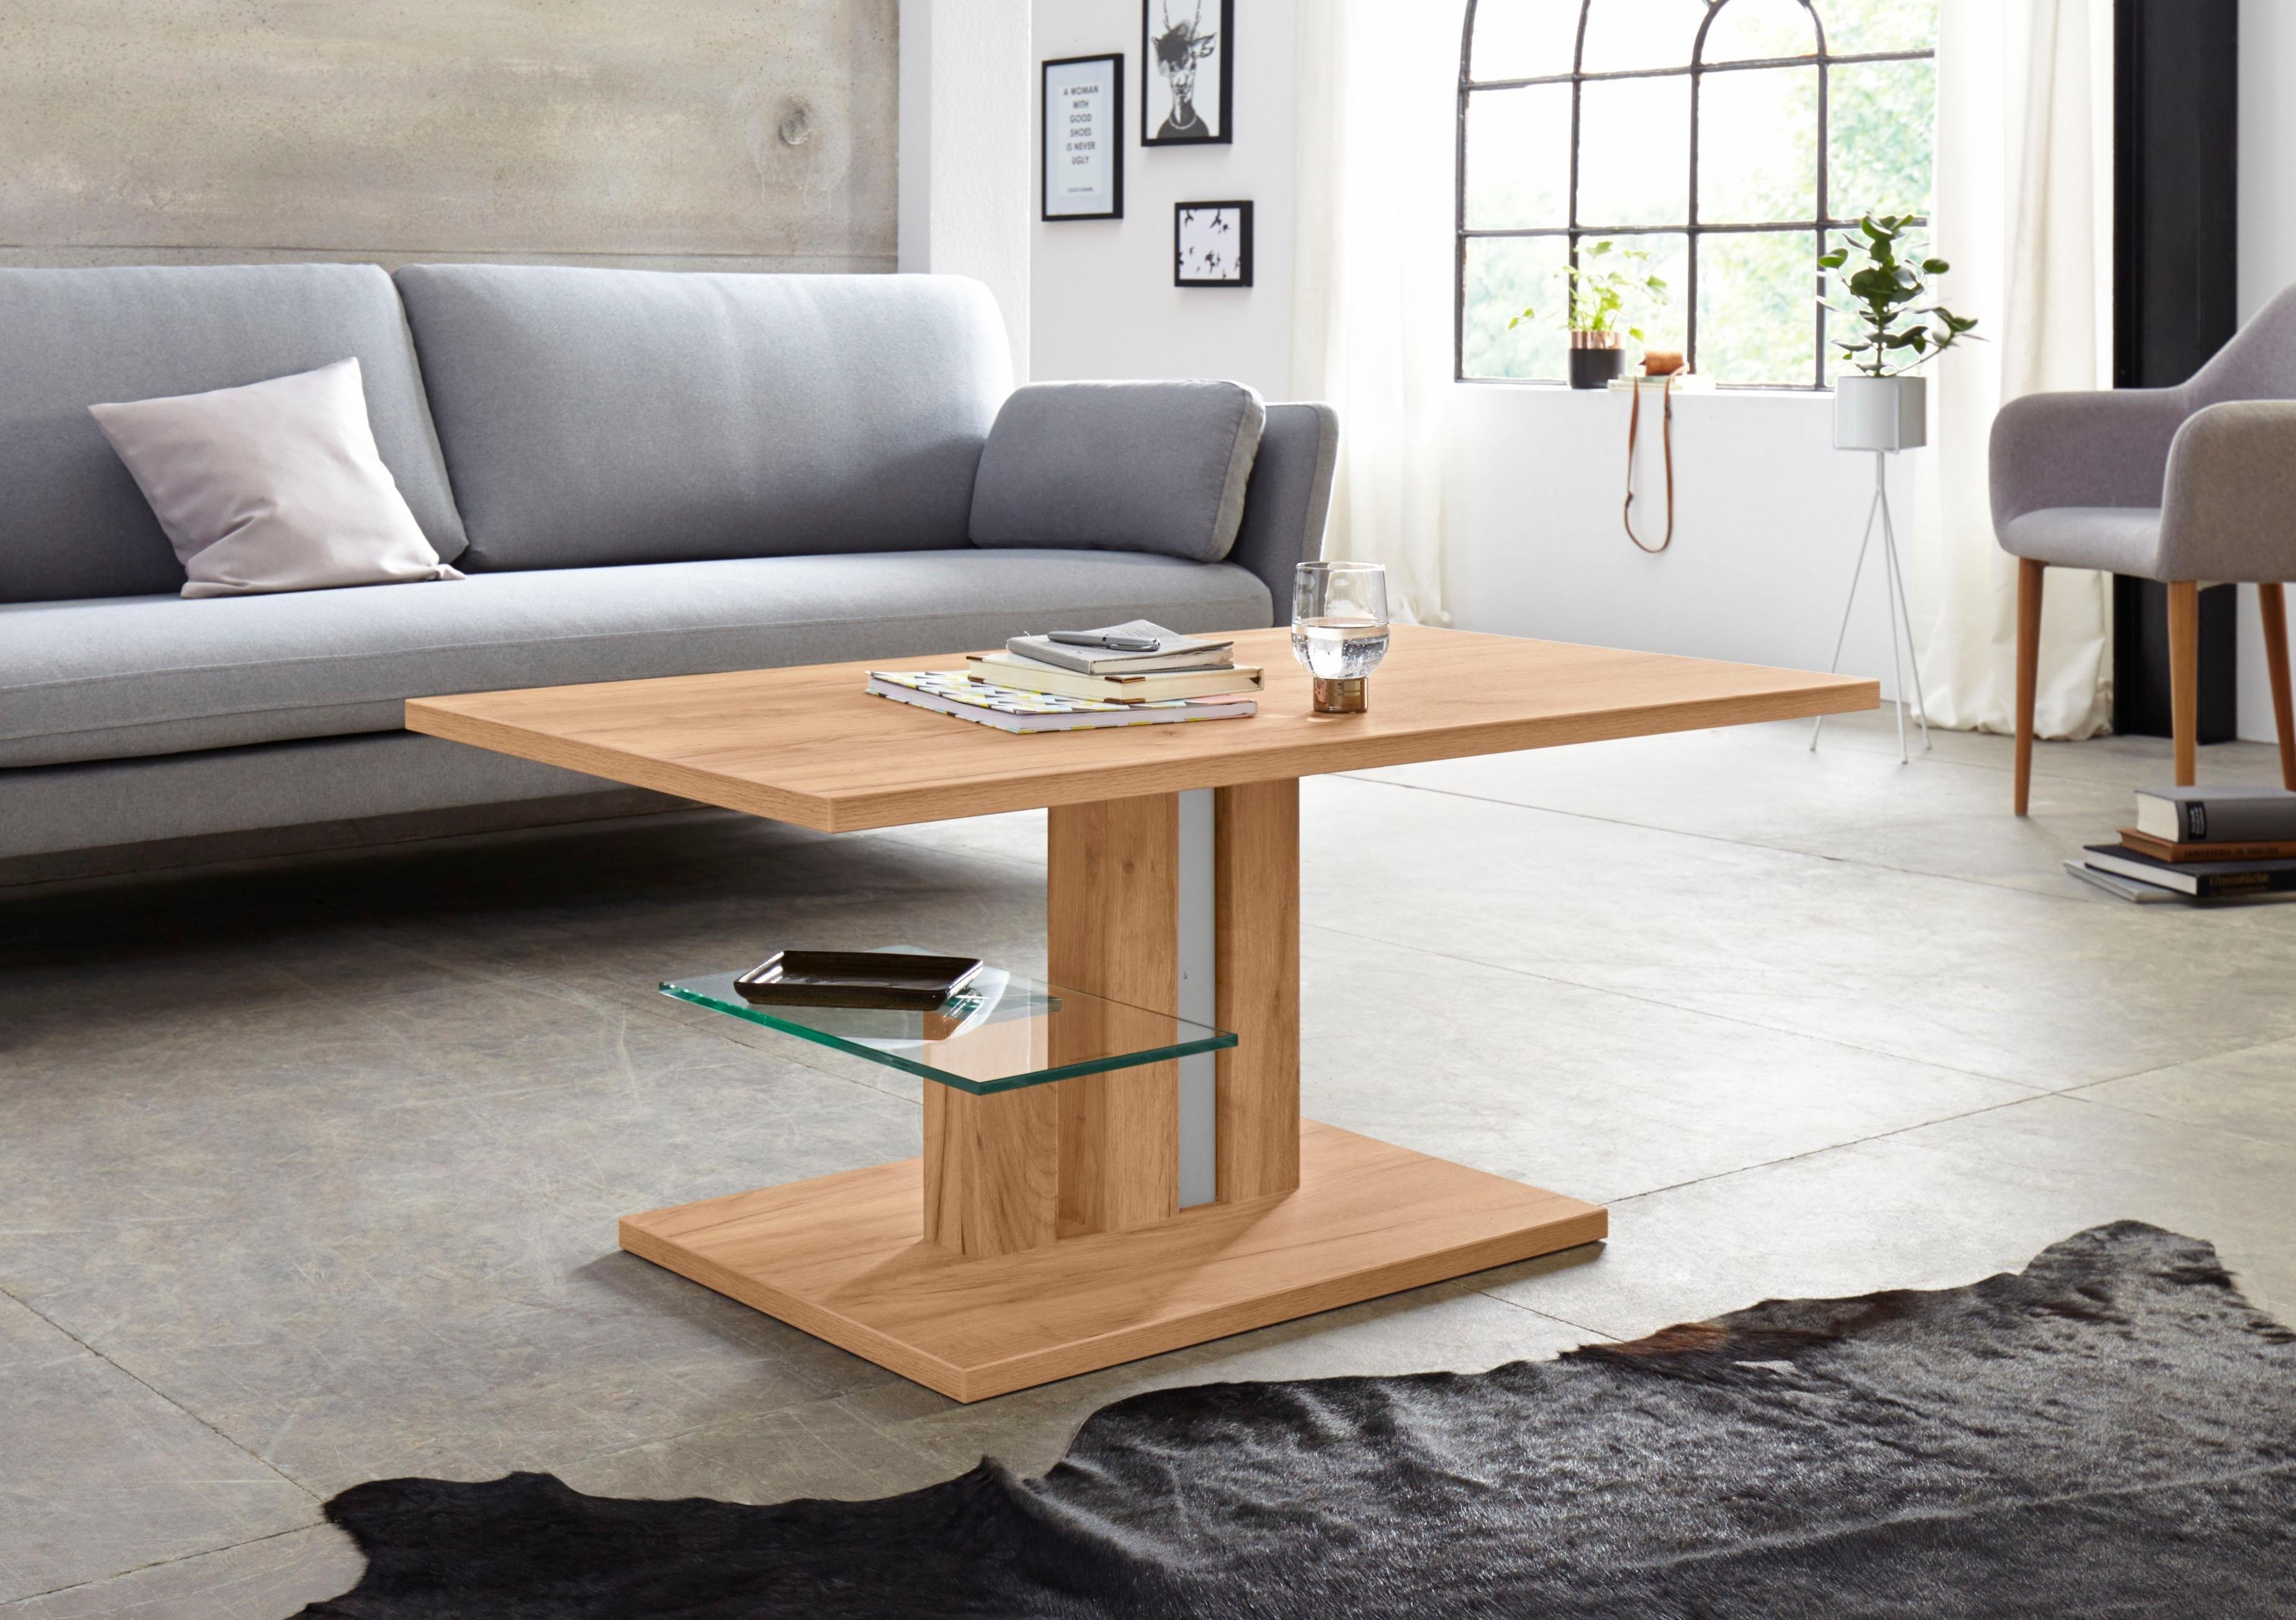 Inosign salontafel »Bergamo« met glasplaat, onderstel in drie aantrekkelijke kleuren veilig op otto.nl kopen